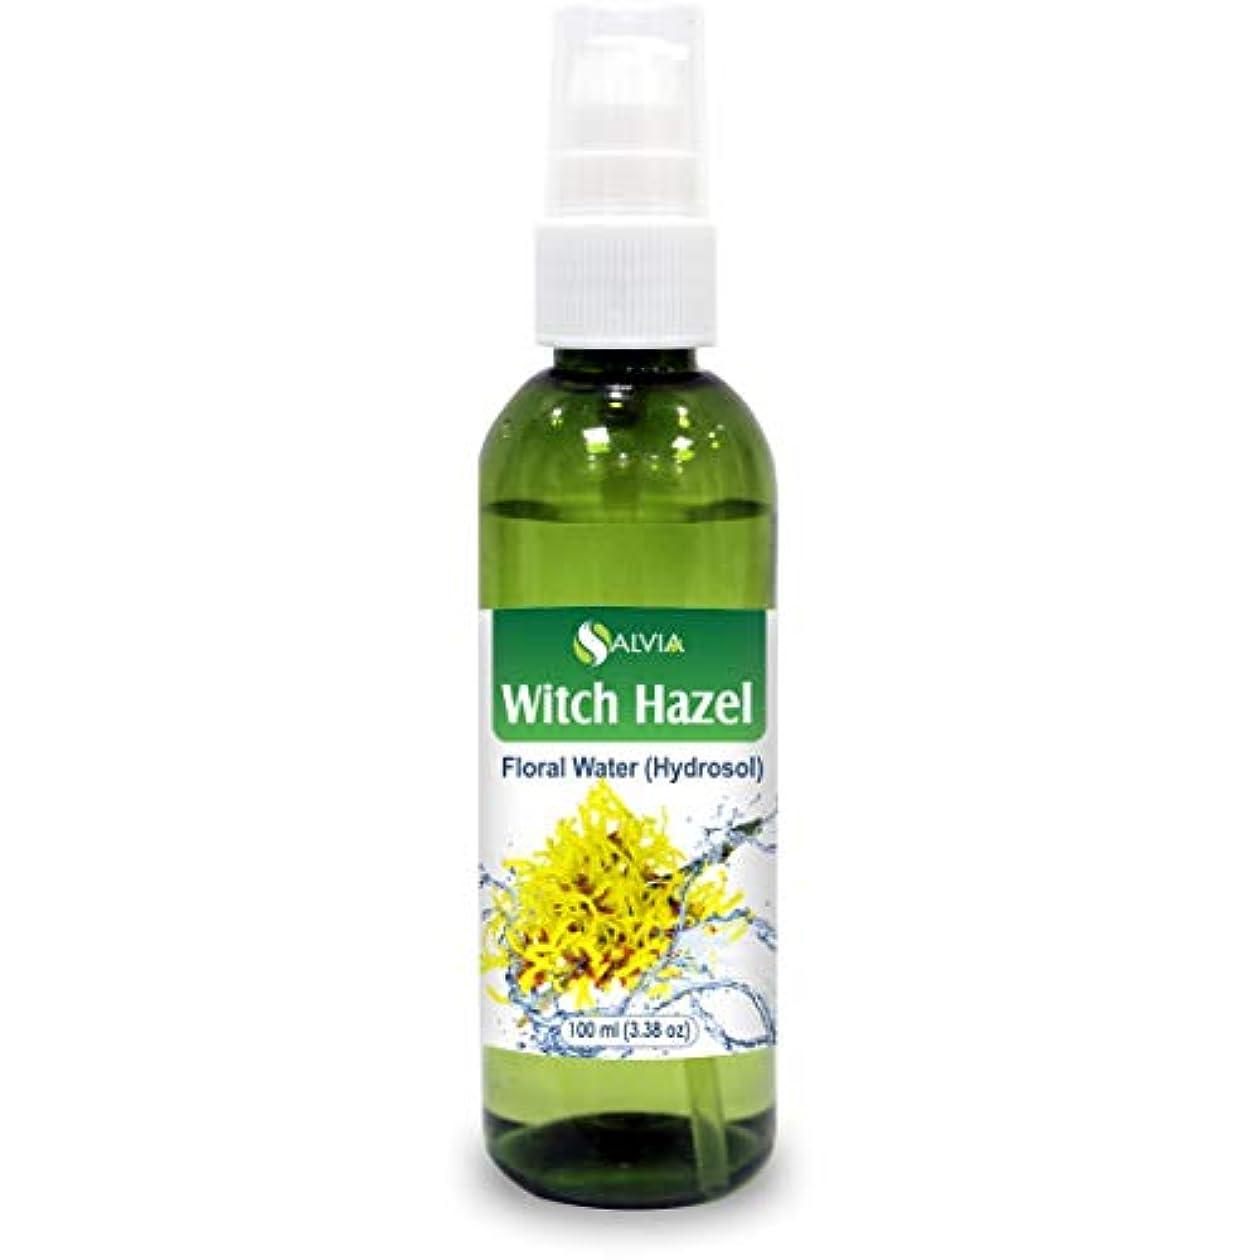 出発反論羨望Witch Hazel Floral Water 100ml (Hydrosol) 100% Pure And Natural